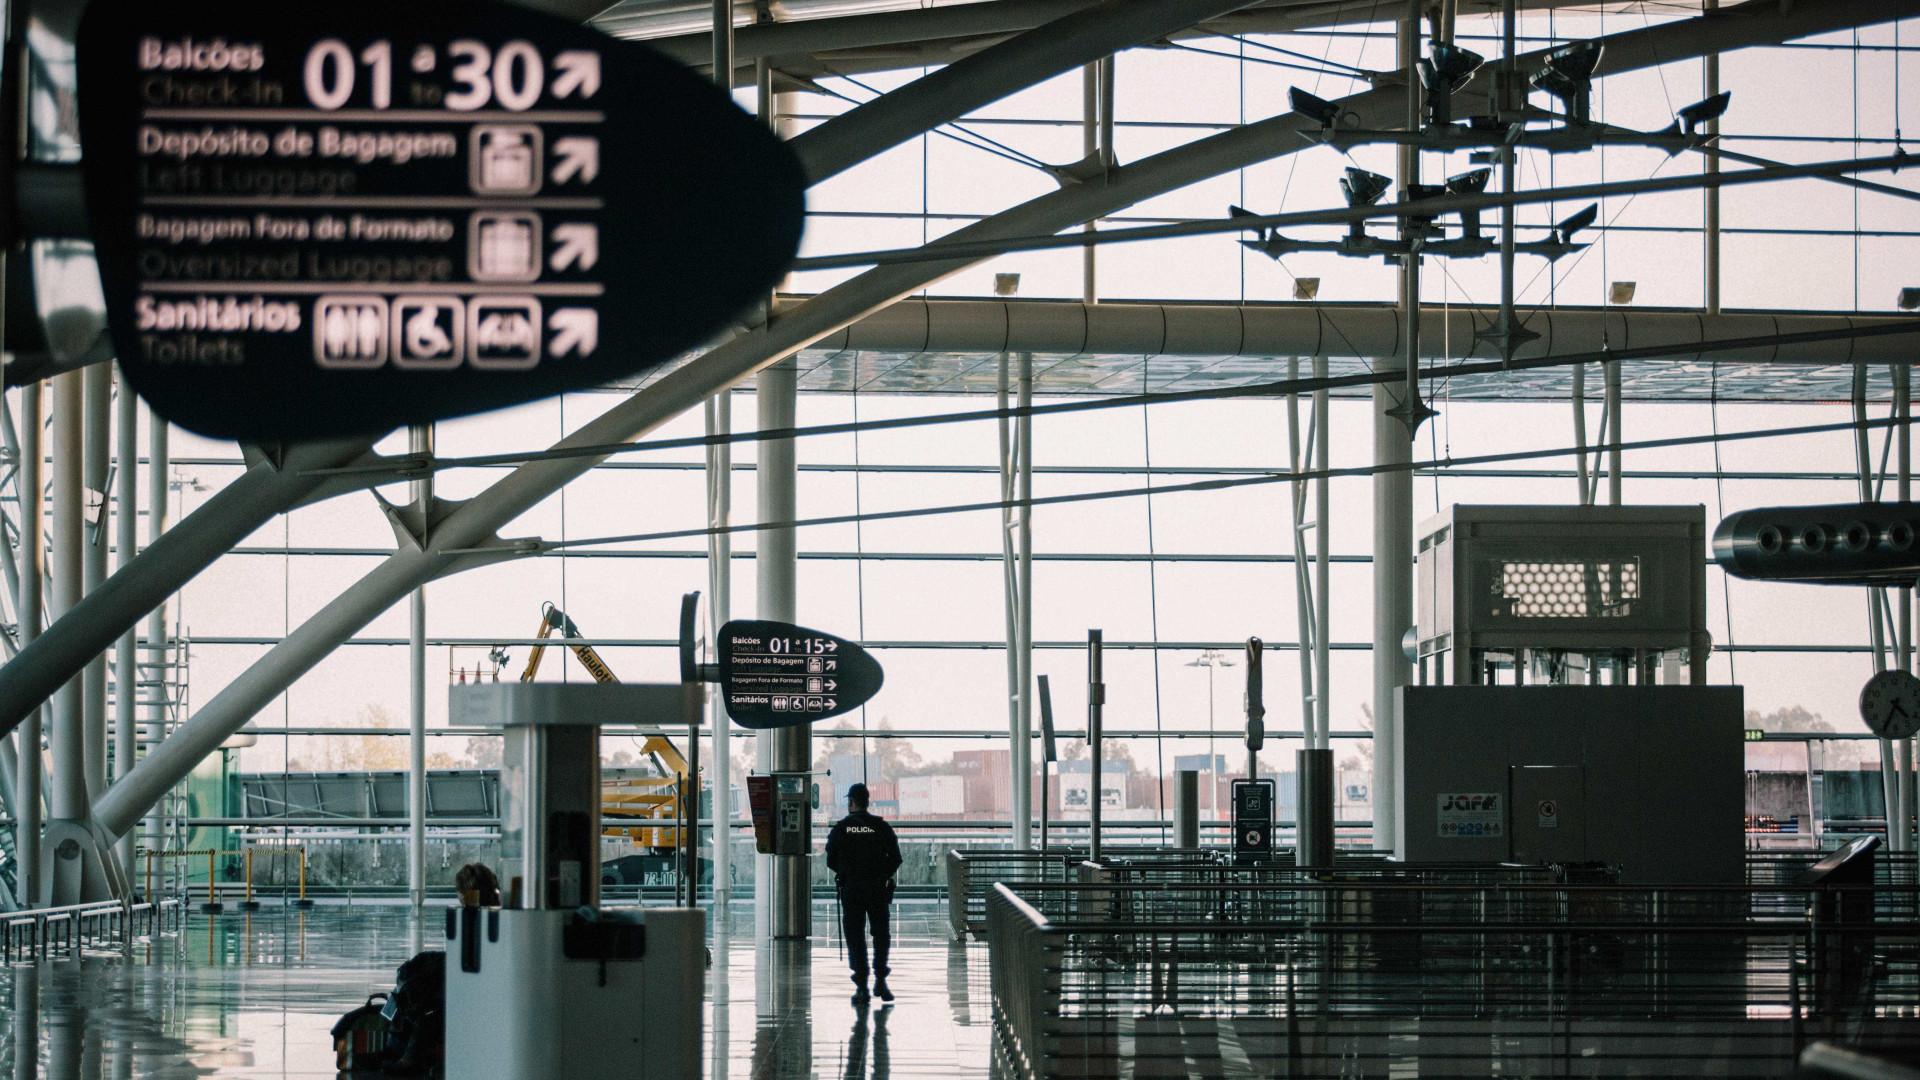 Aeroporto Sá Carneiro no Porto terá cinco novas rotas em 2018